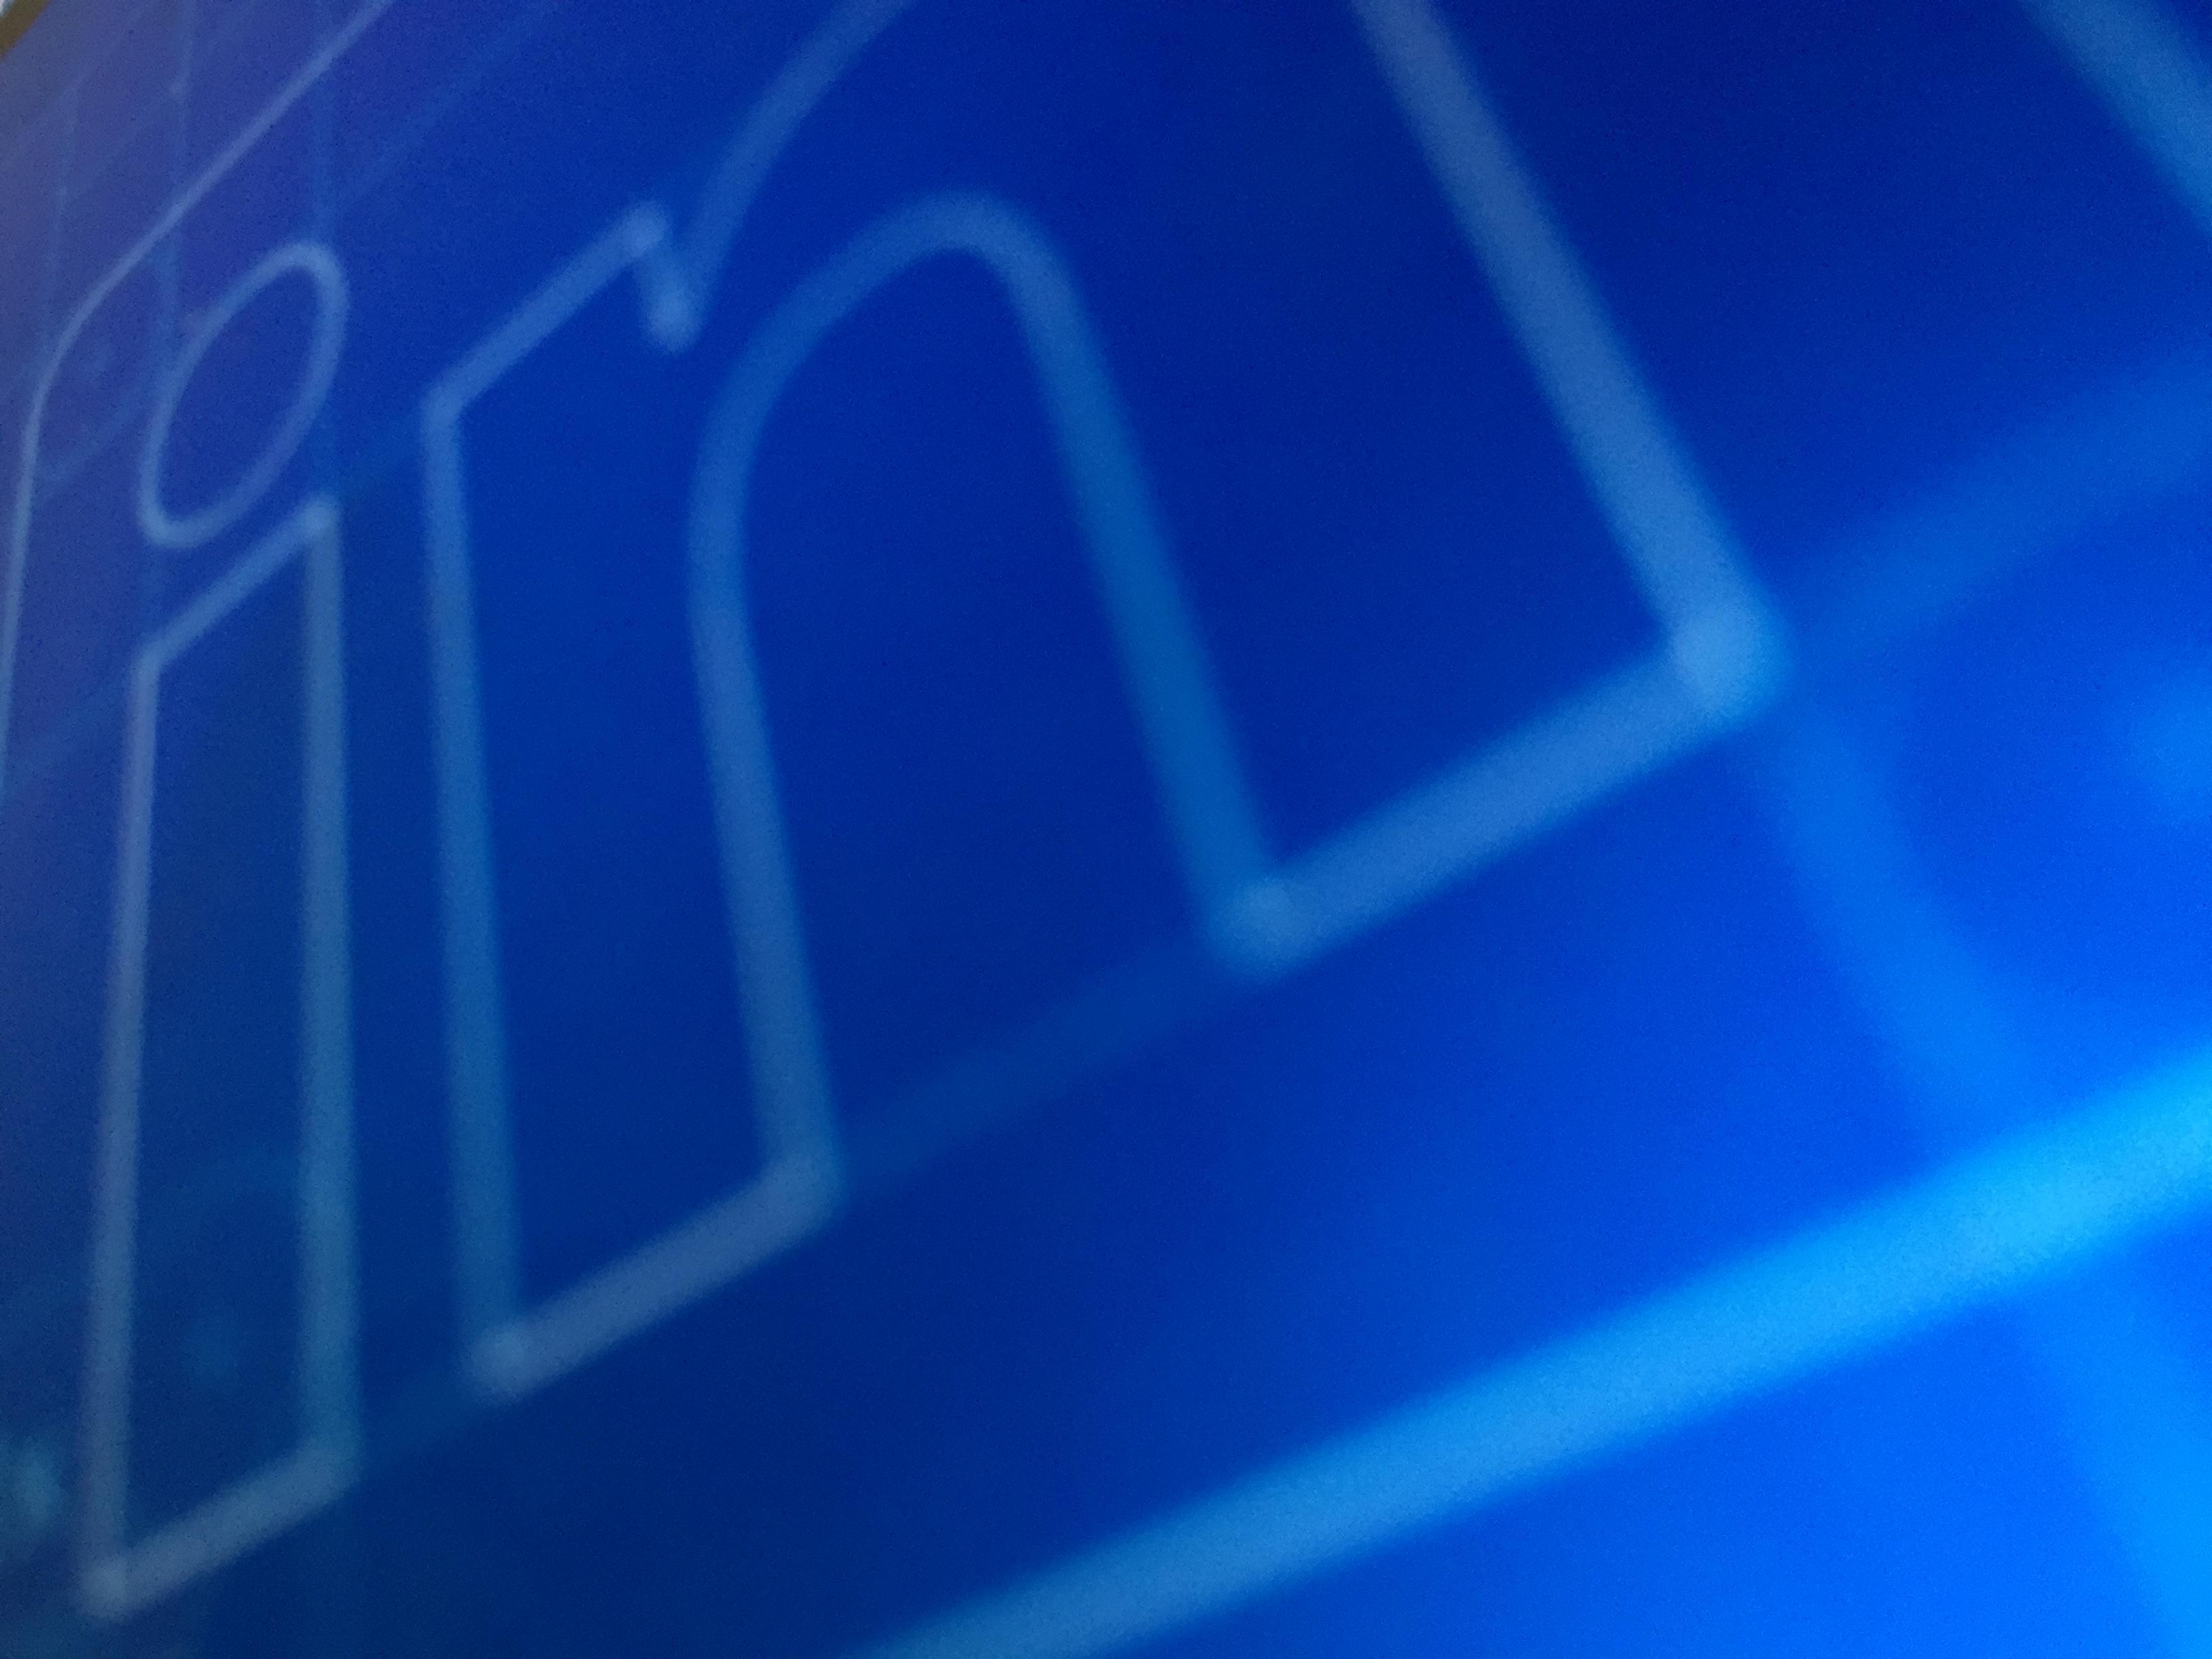 LinkedIn's new website retargeting features